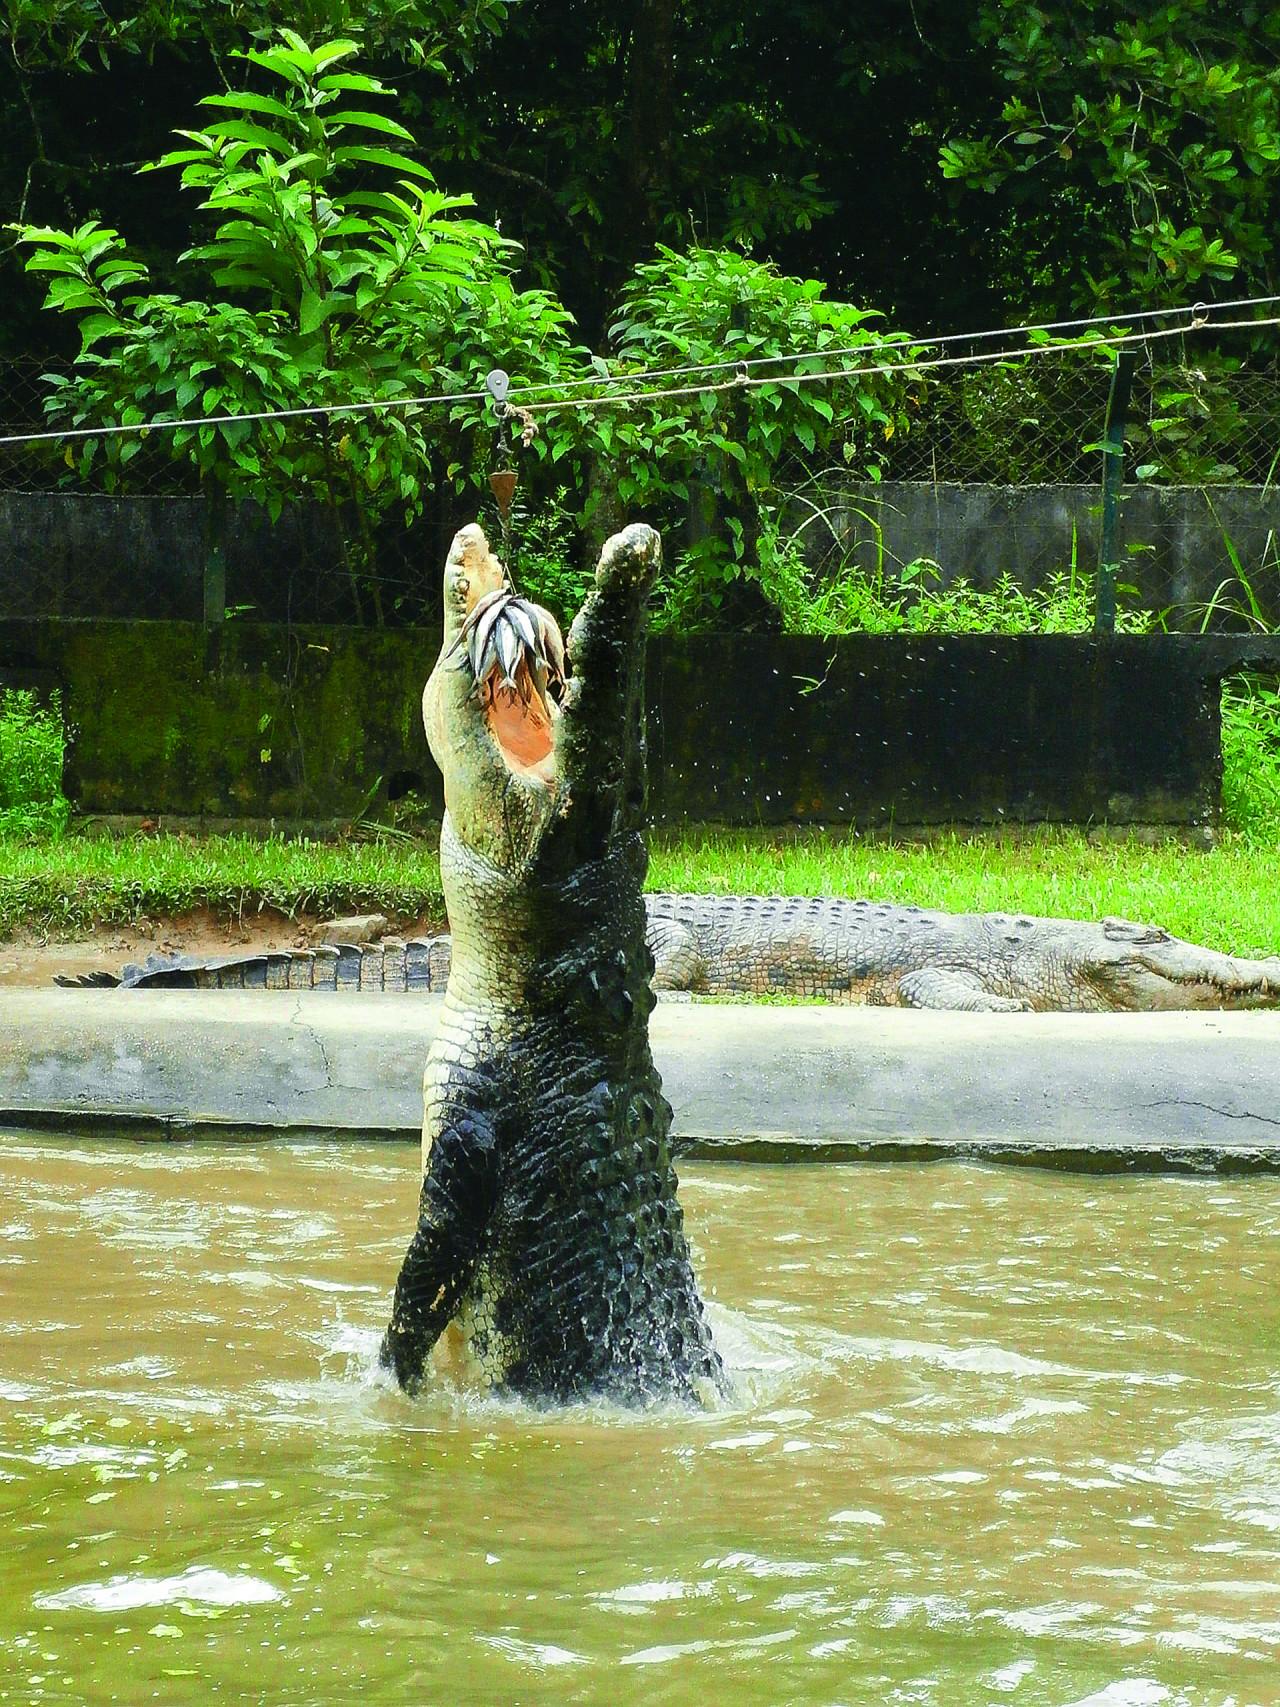 兰卡威野生动物园:在园内发现来自世界不同地区的动物和鸟类 鳄鱼世界